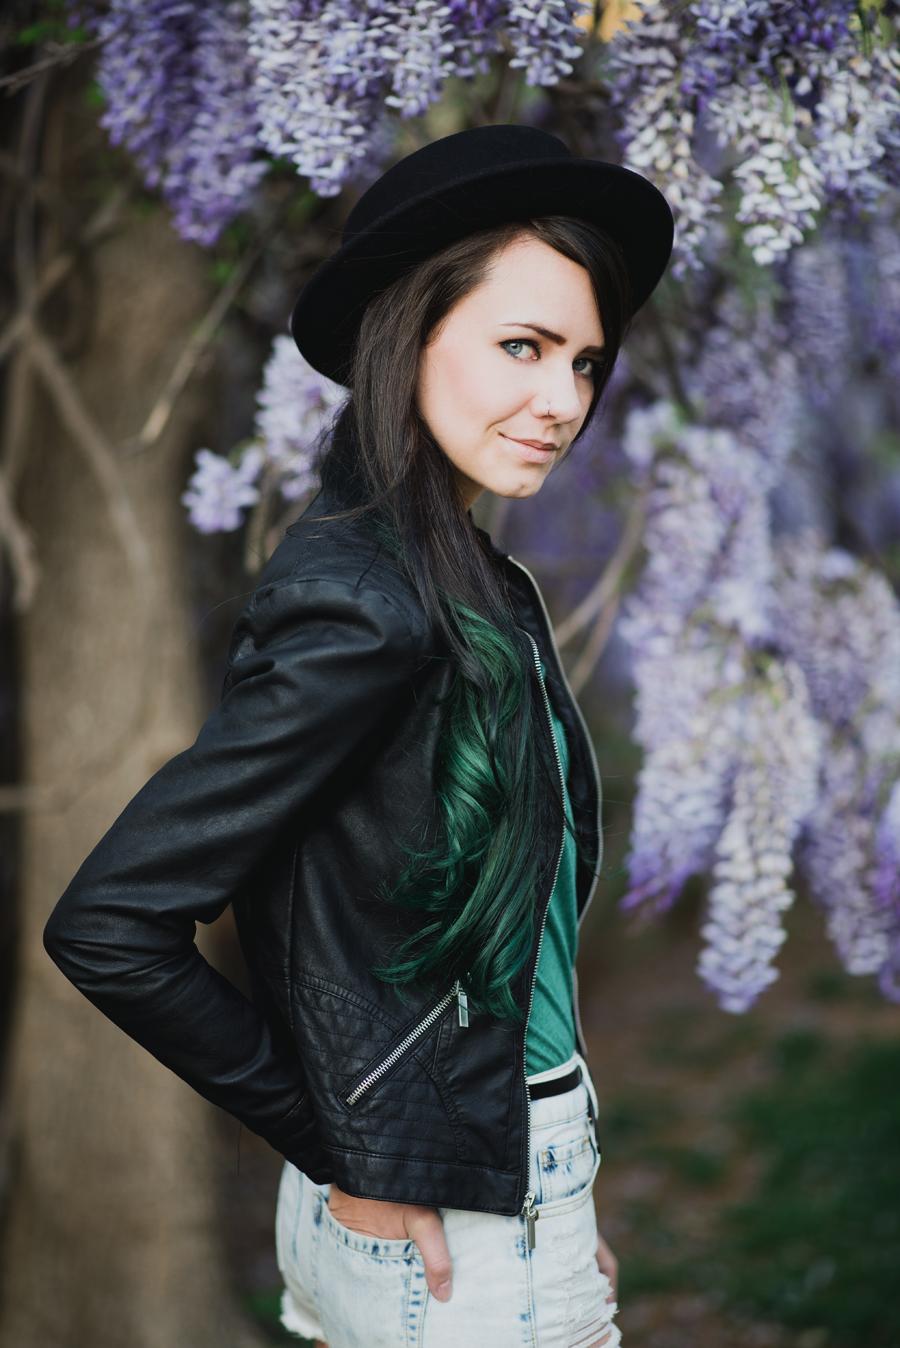 CBP-Anna-Green-Hair-5-edit